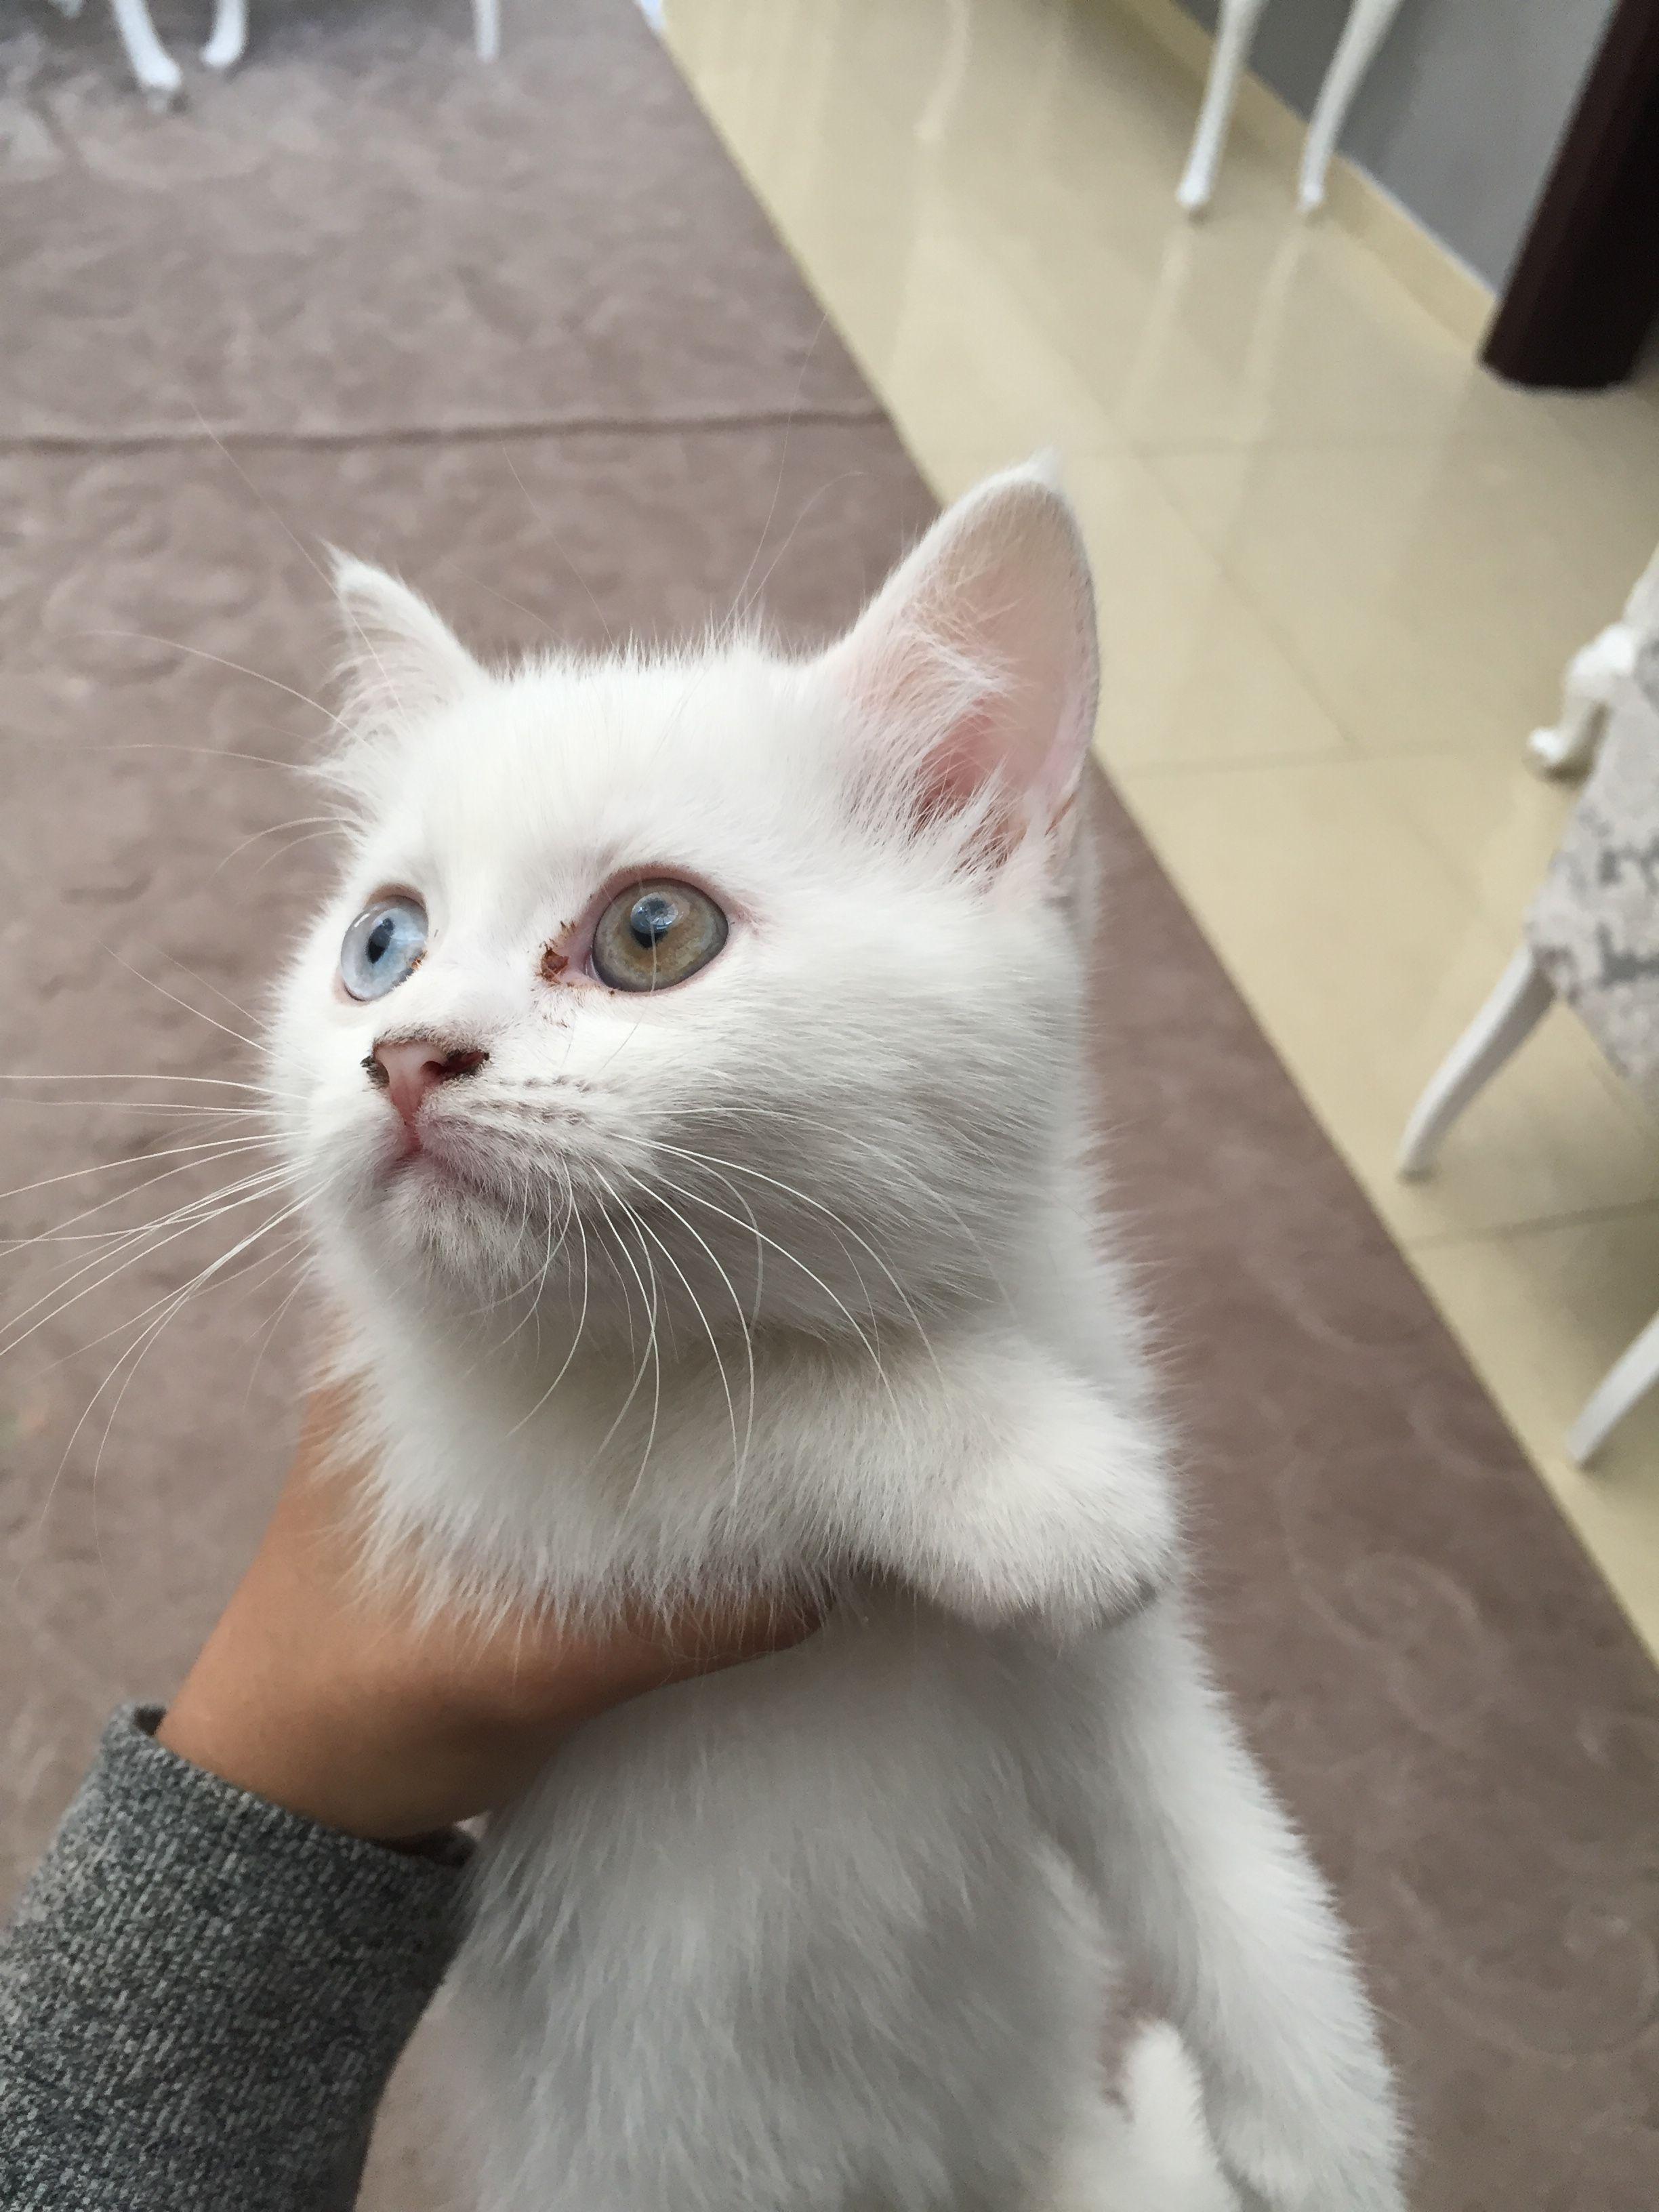 الدولة Uae رقم الموبايل 0555036923 معلومات عن الإعلان Kittens For Sale They Re A Mix Of Dlh Scottish Fold Animals Cats